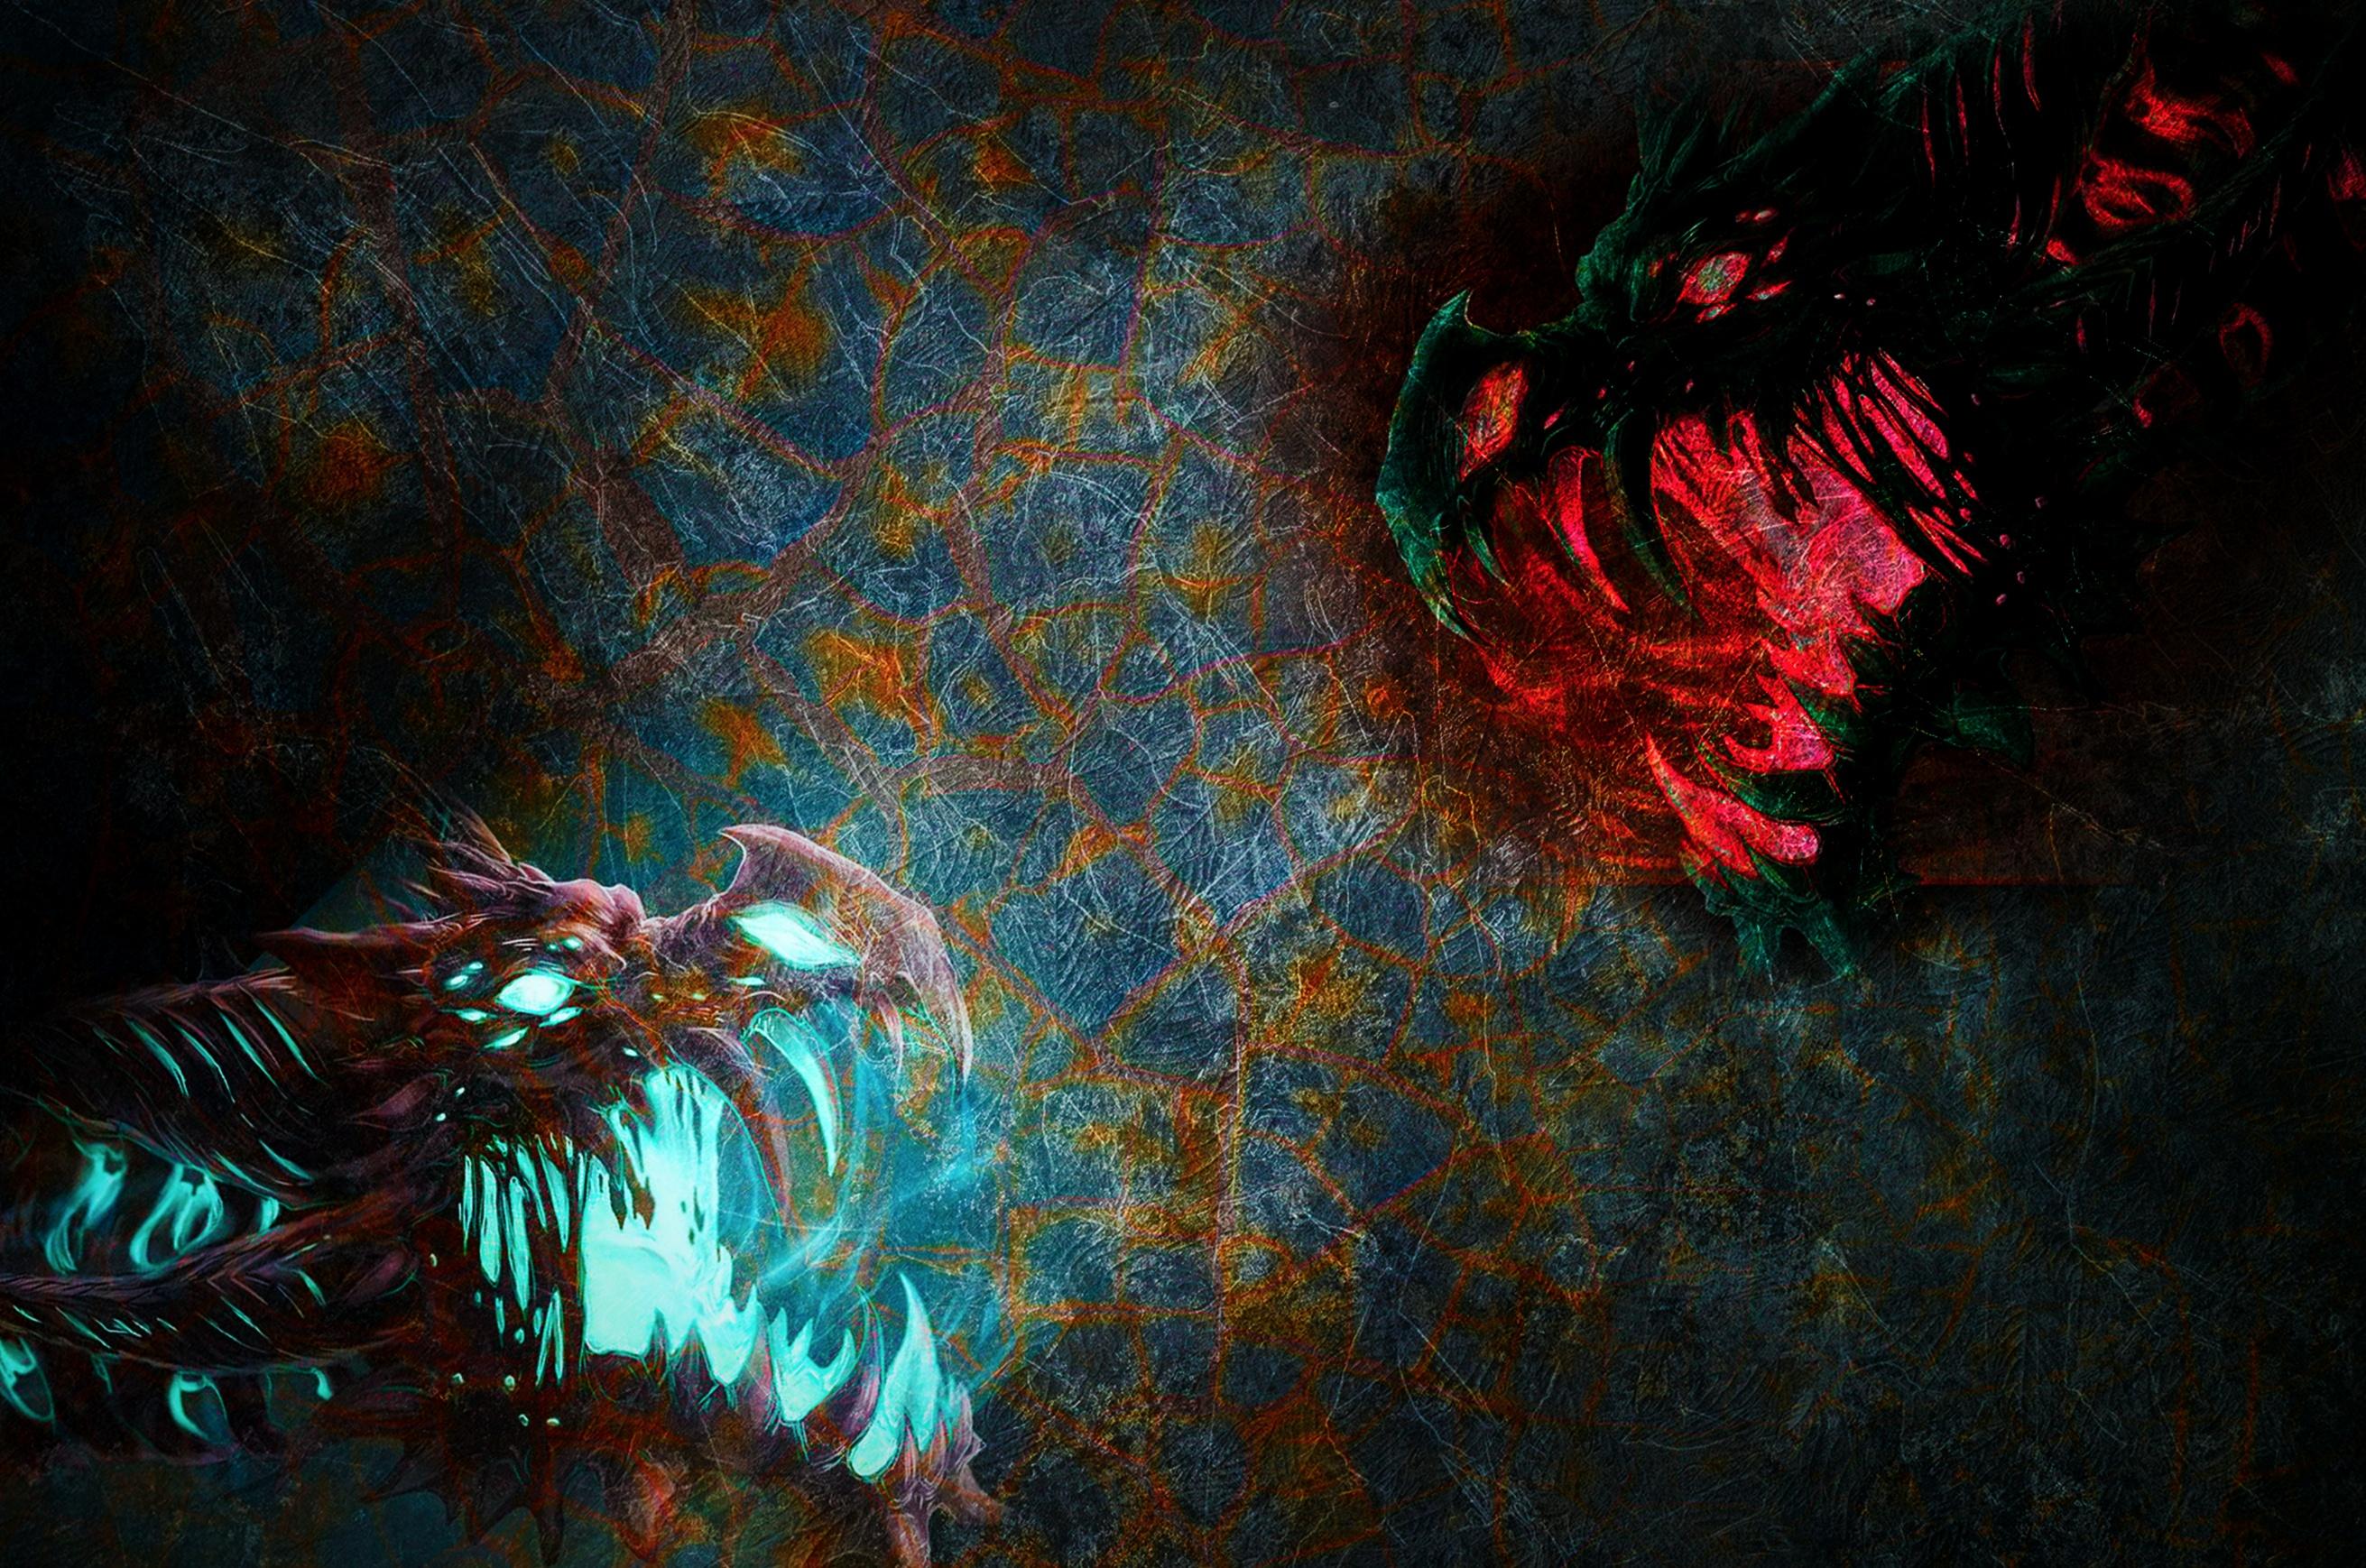 冰与火之歌壁纸 平面 海报 自愿被吃的飞猪 - 原创